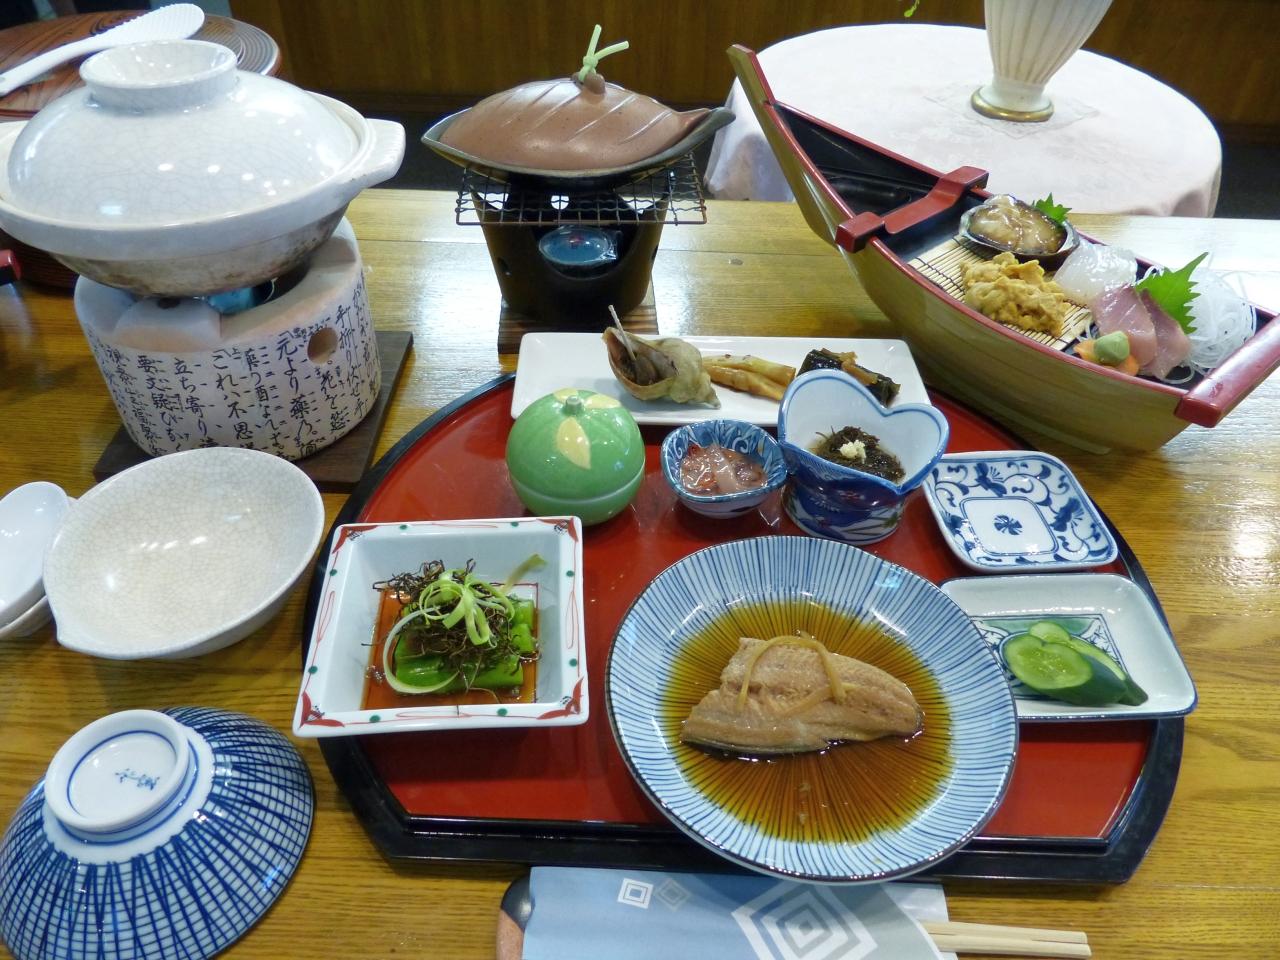 海鮮尽くしの夕食 鍋の中身は空けてのお楽しみ